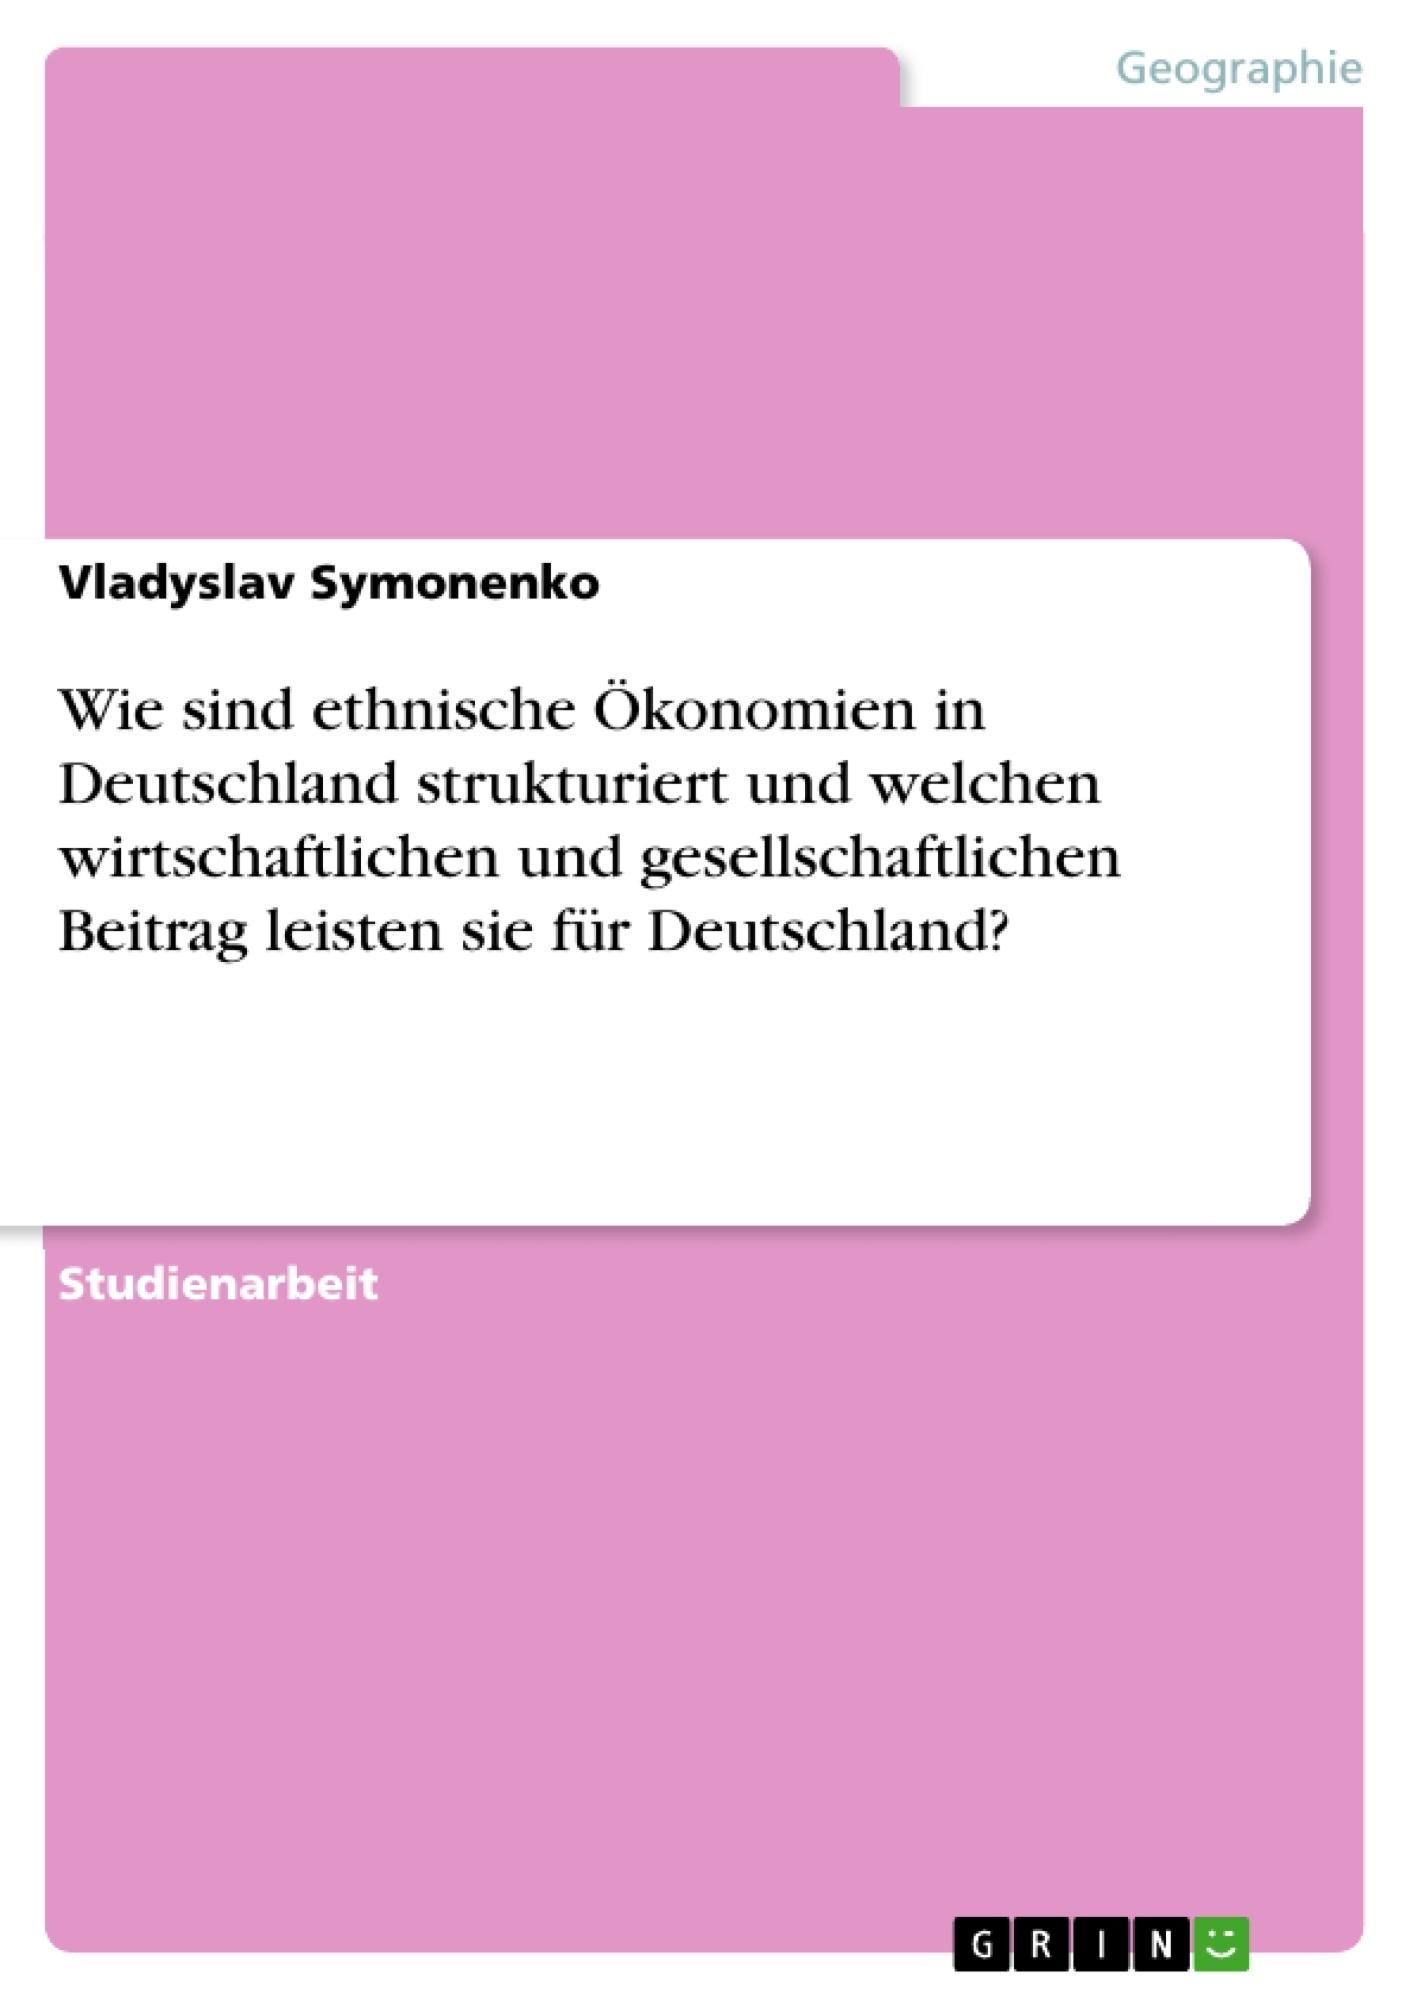 Titel: Wie sind ethnische Ökonomien in Deutschland strukturiert und welchen wirtschaftlichen und gesellschaftlichen Beitrag leisten sie für Deutschland?